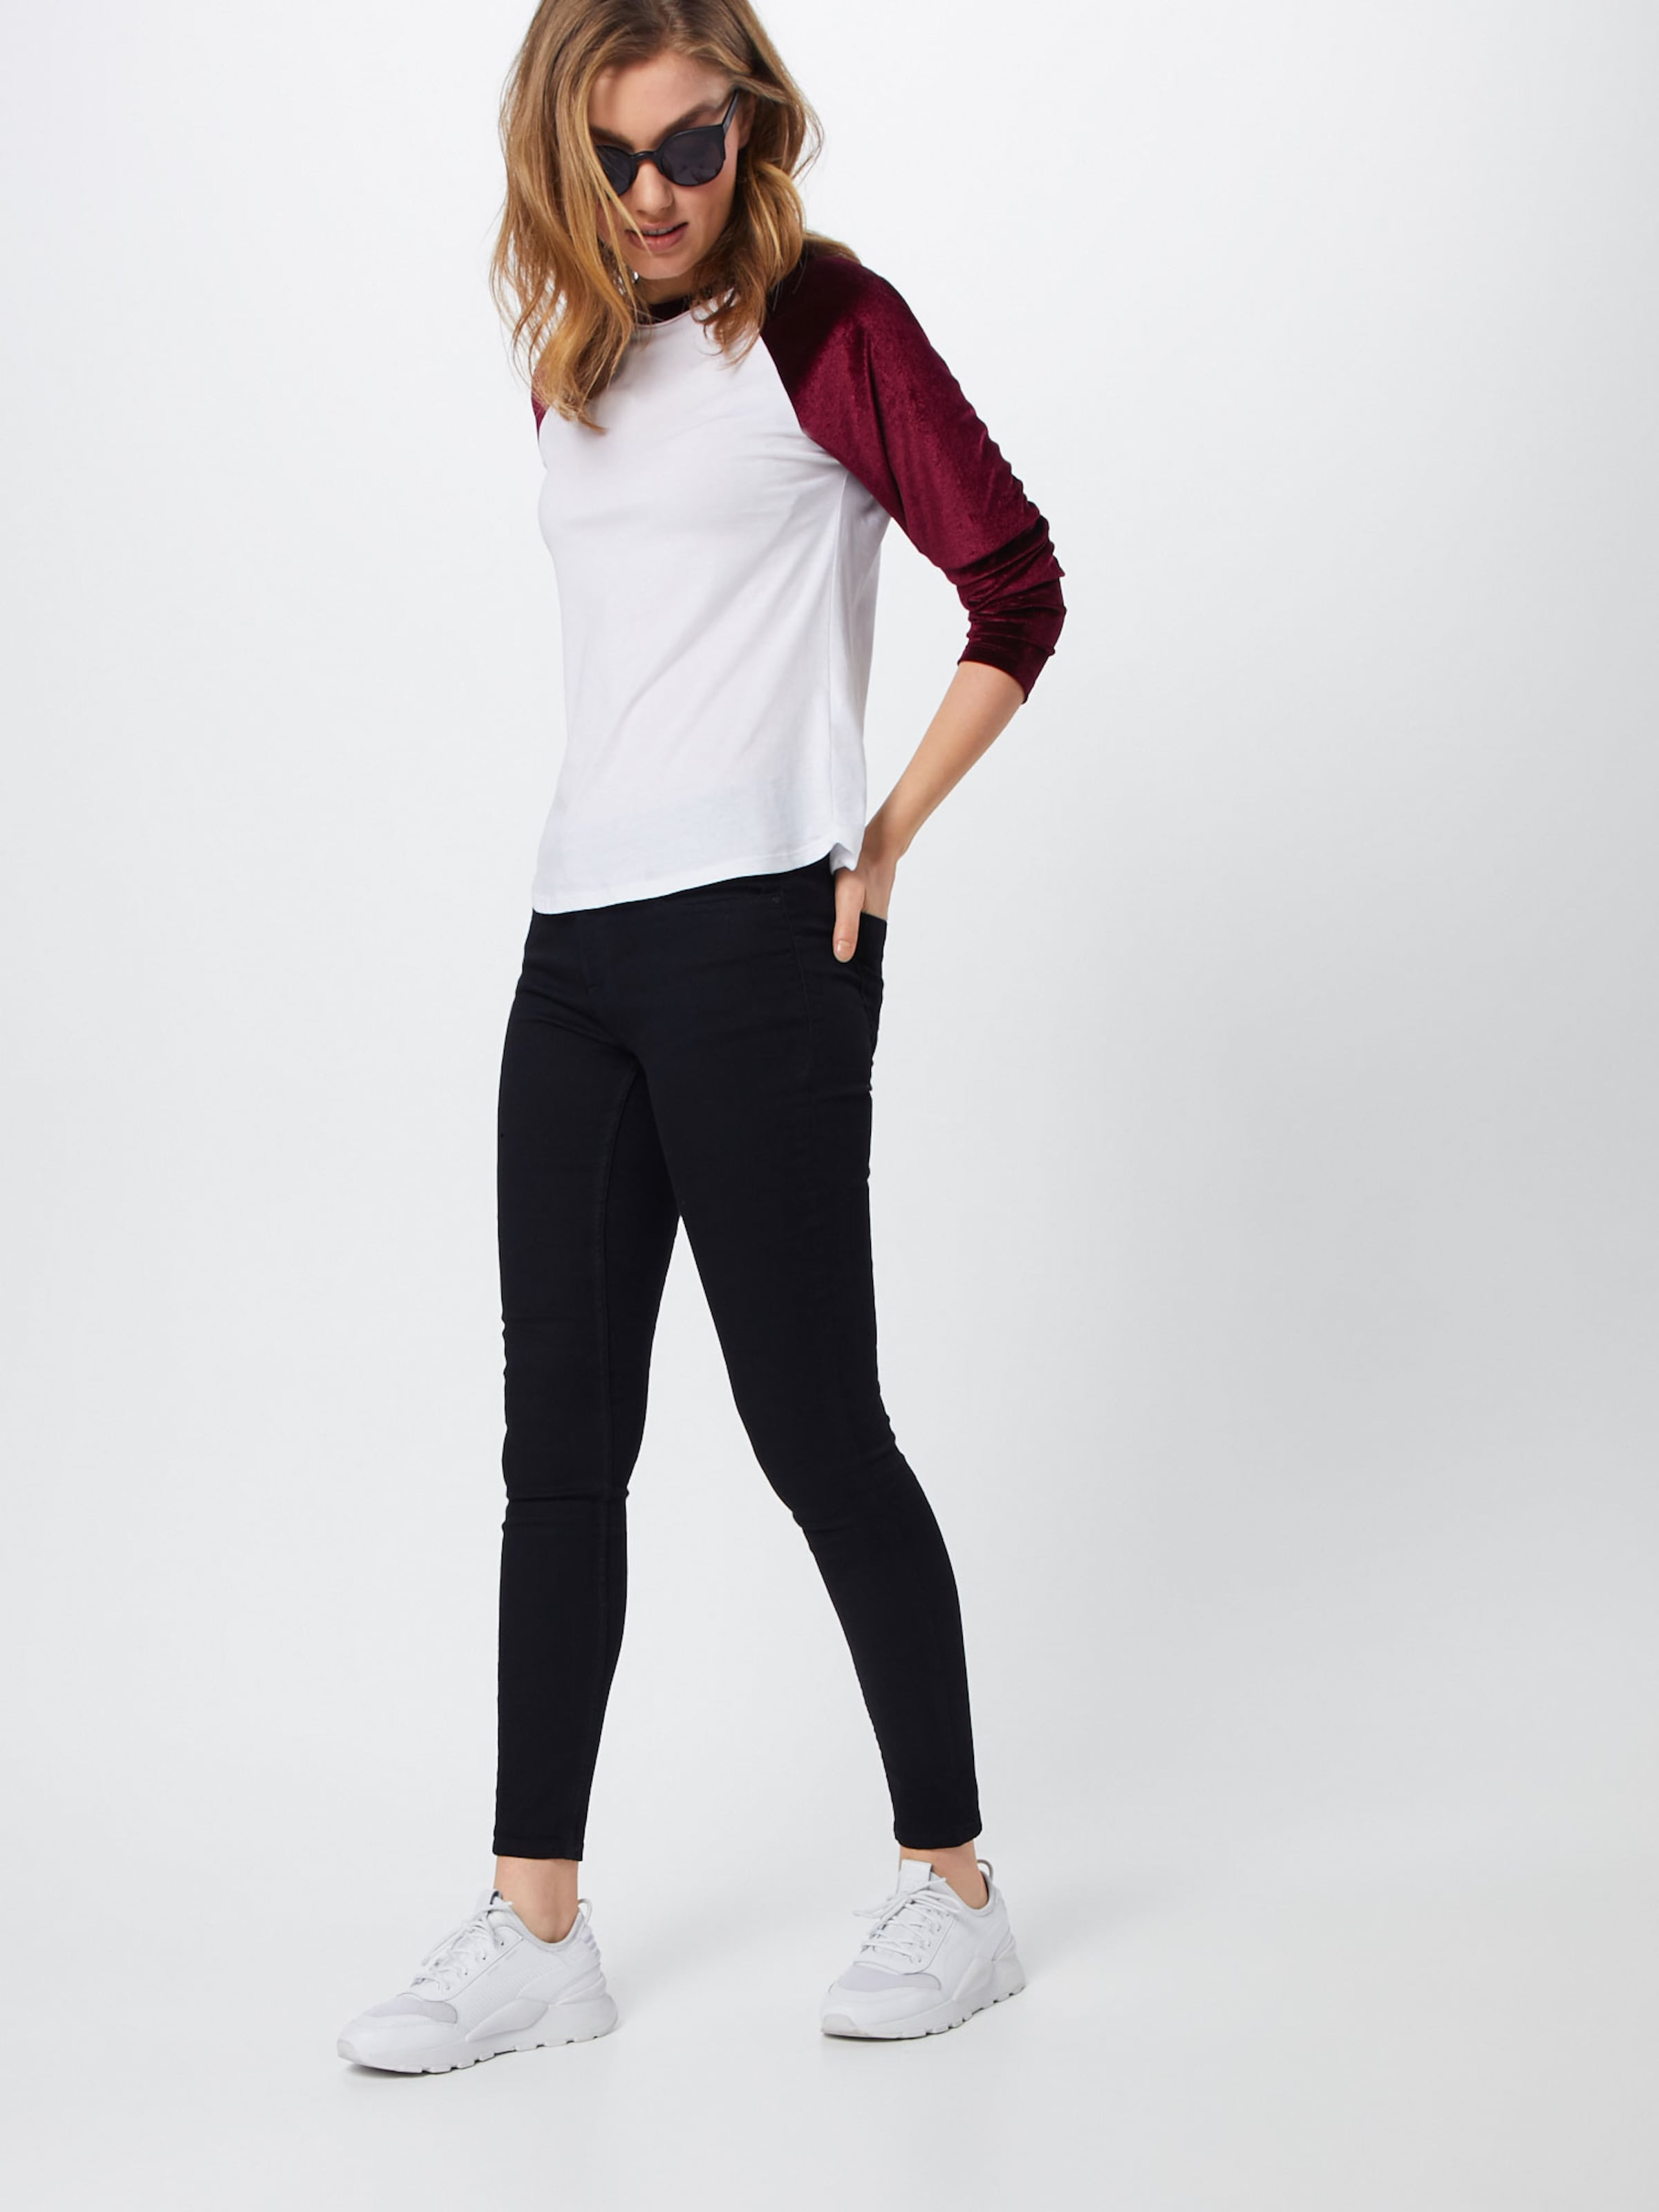 Black Jacqueline De Denim Jeans Yong In Pw8nOk0